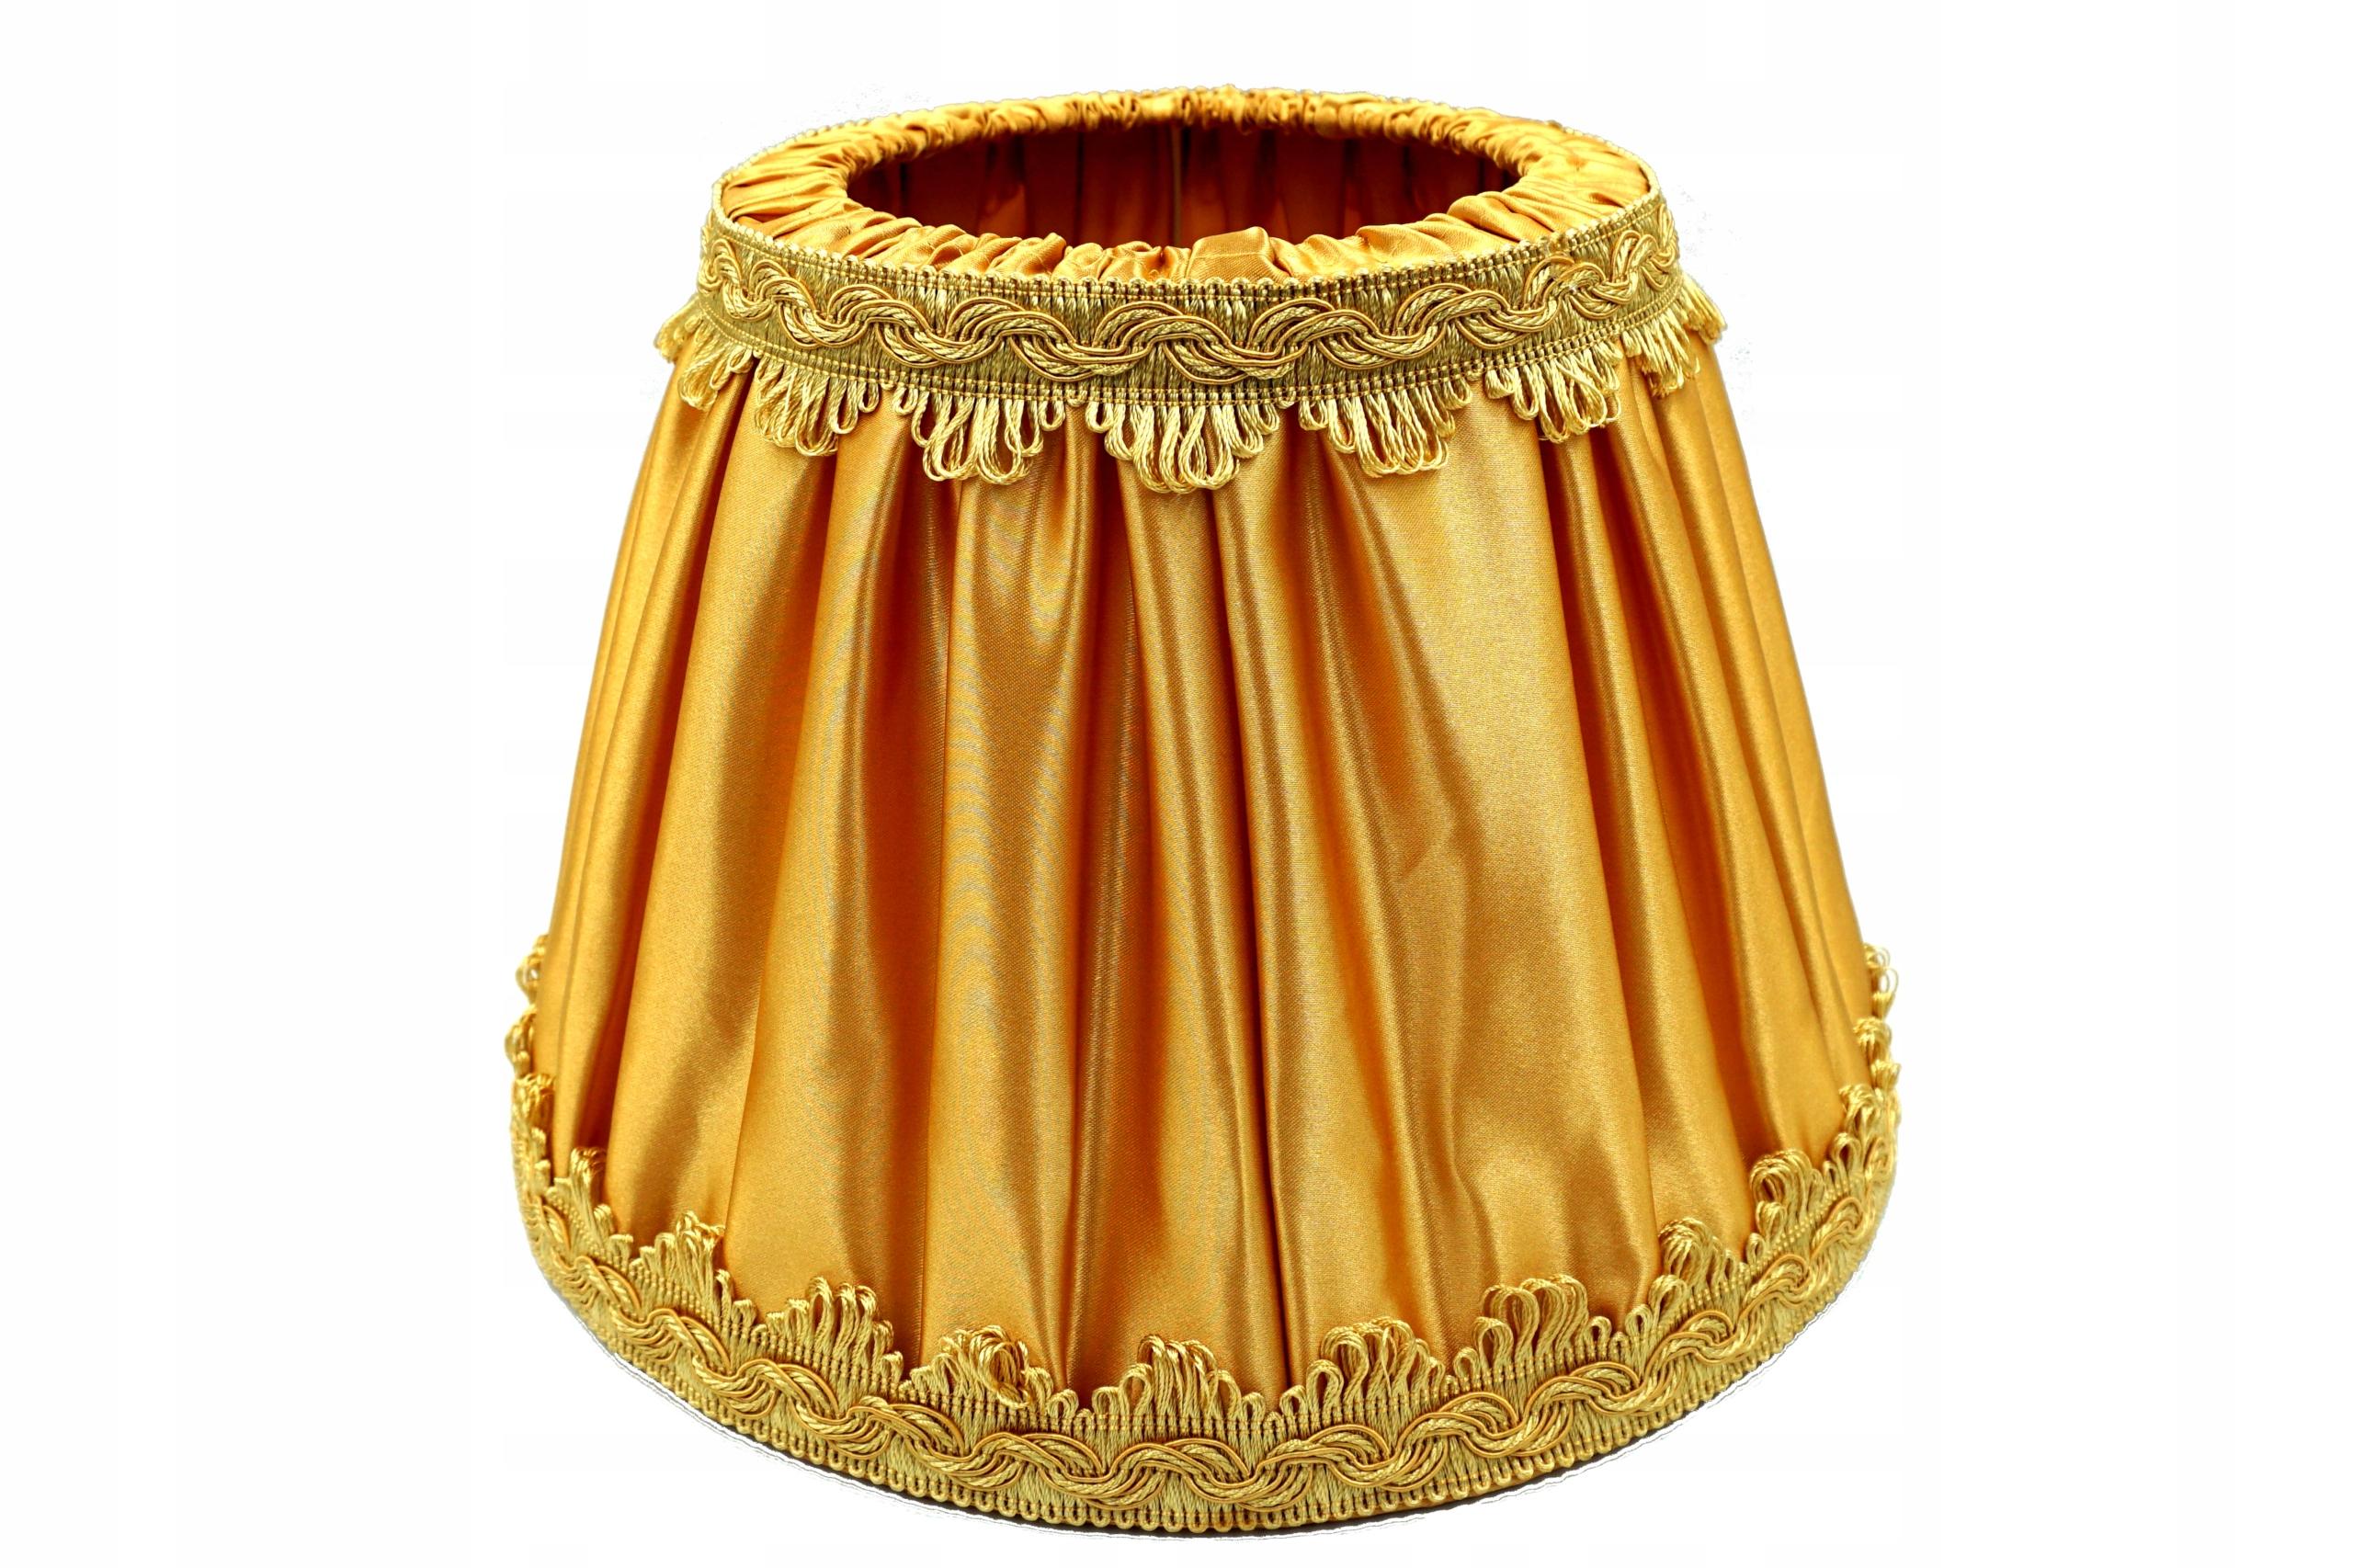 Tienidlo Retro Tienidlo Itaka Gold / Gold 29x49x32 cm